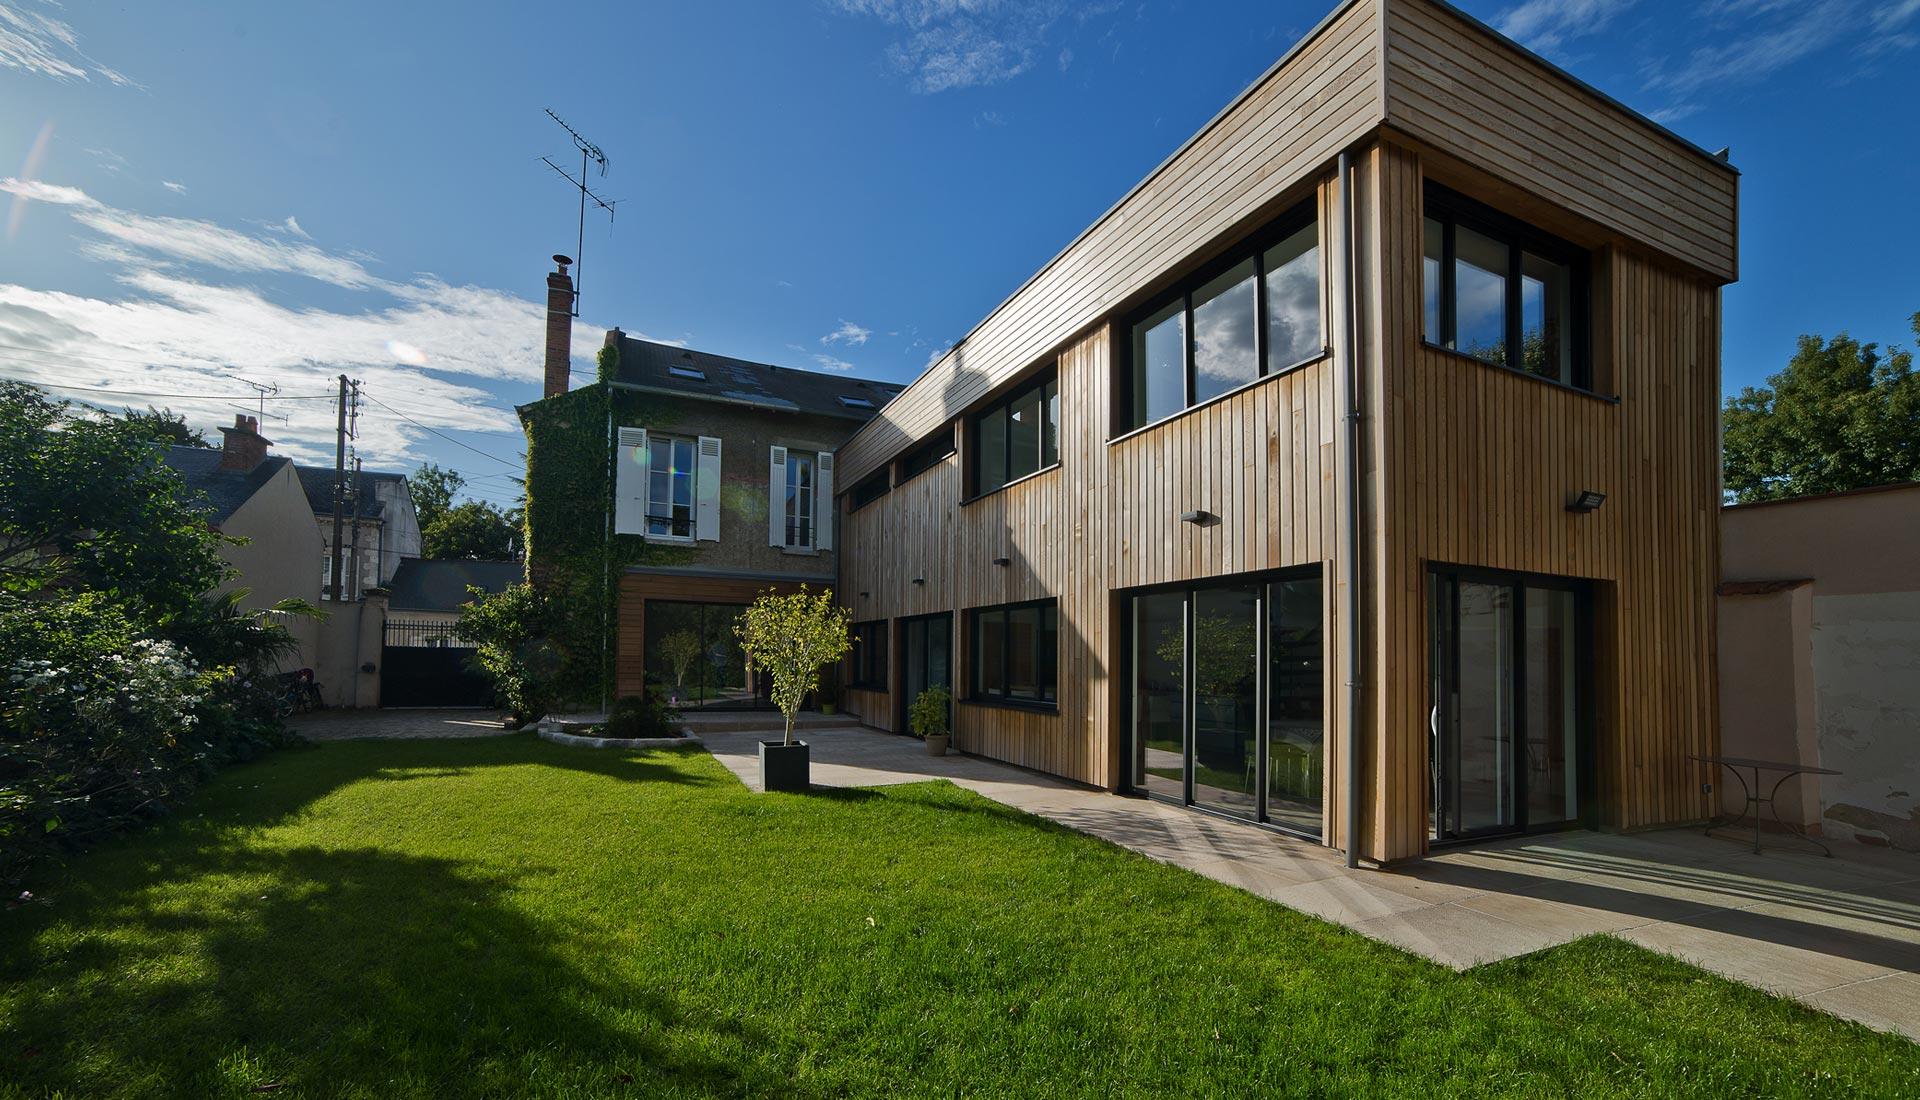 Extension, toiture bois & terrasse végétalisée